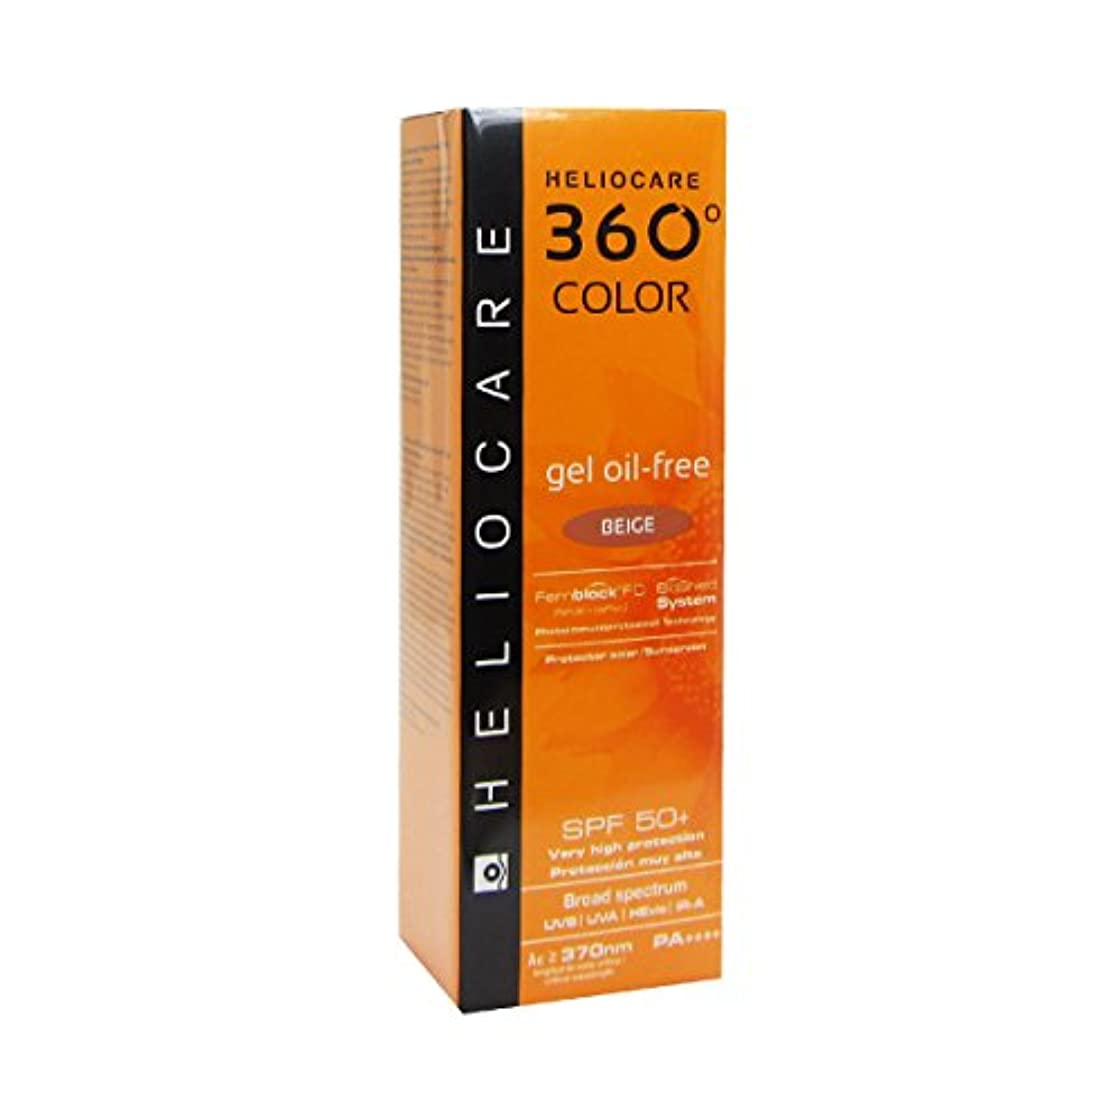 と遊ぶ戦艦ネクタイHeliocare 360 Gel-color Oil-free Spf50 Beige 50ml [並行輸入品]